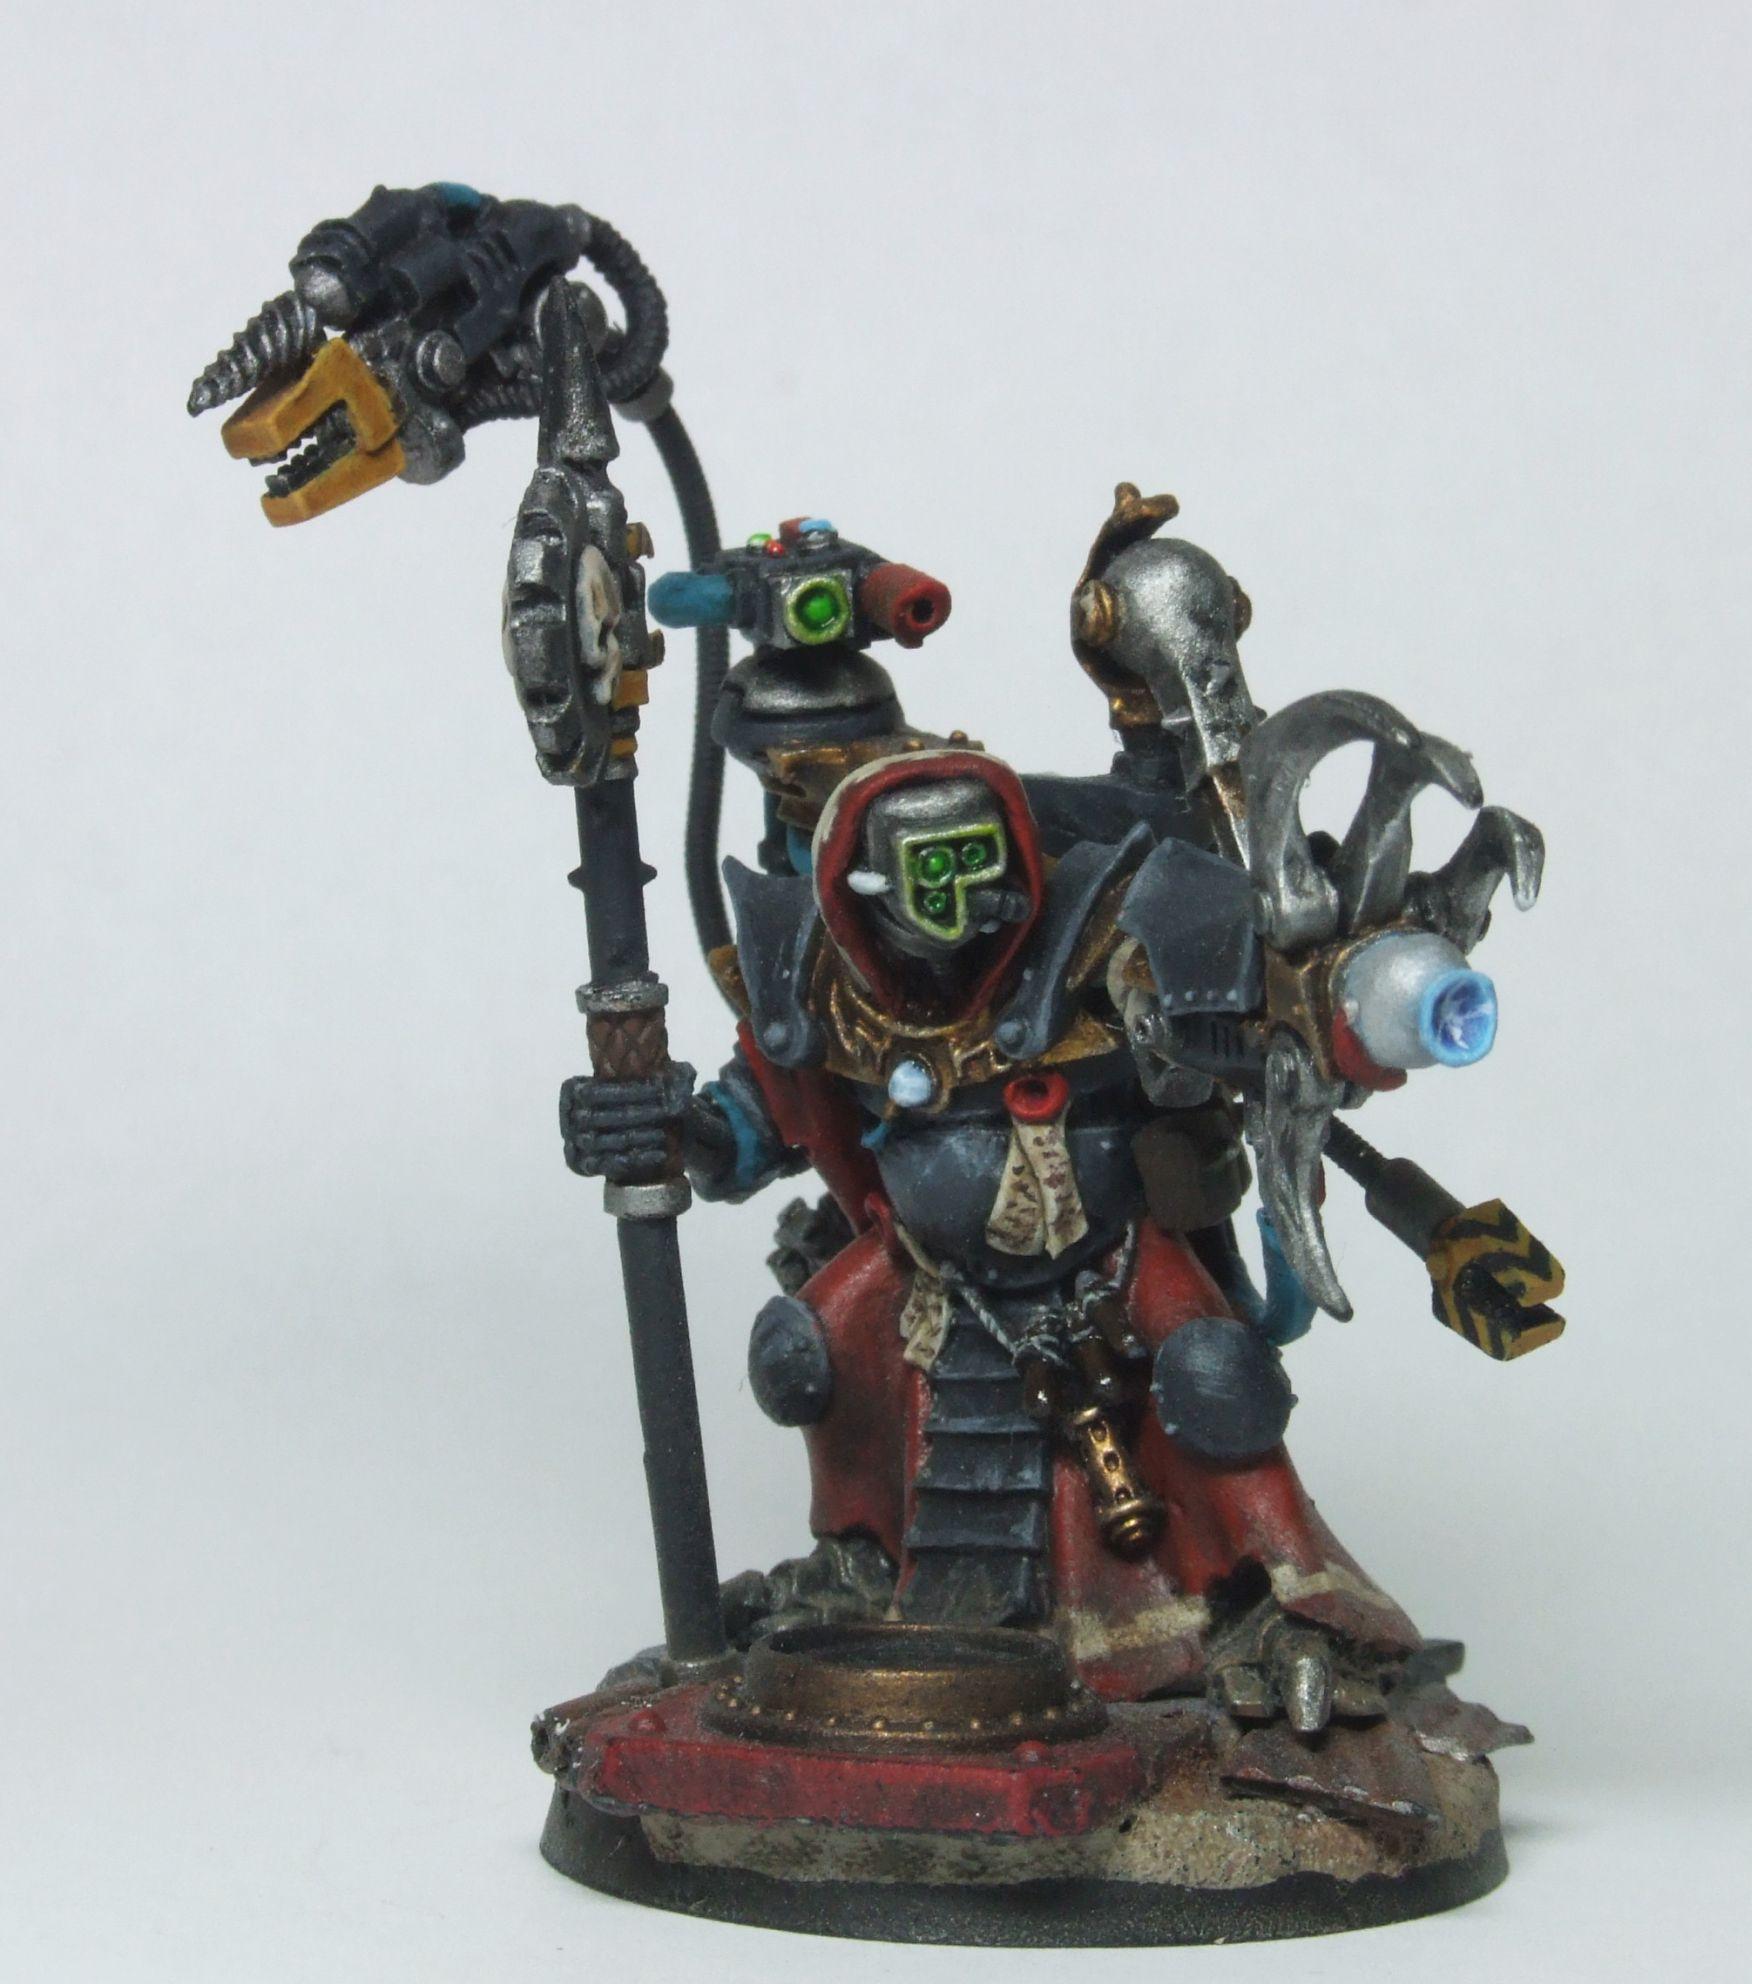 Adeptus Mechanicus, Inquisitor, Magos, Mechanicus, Tech Priest